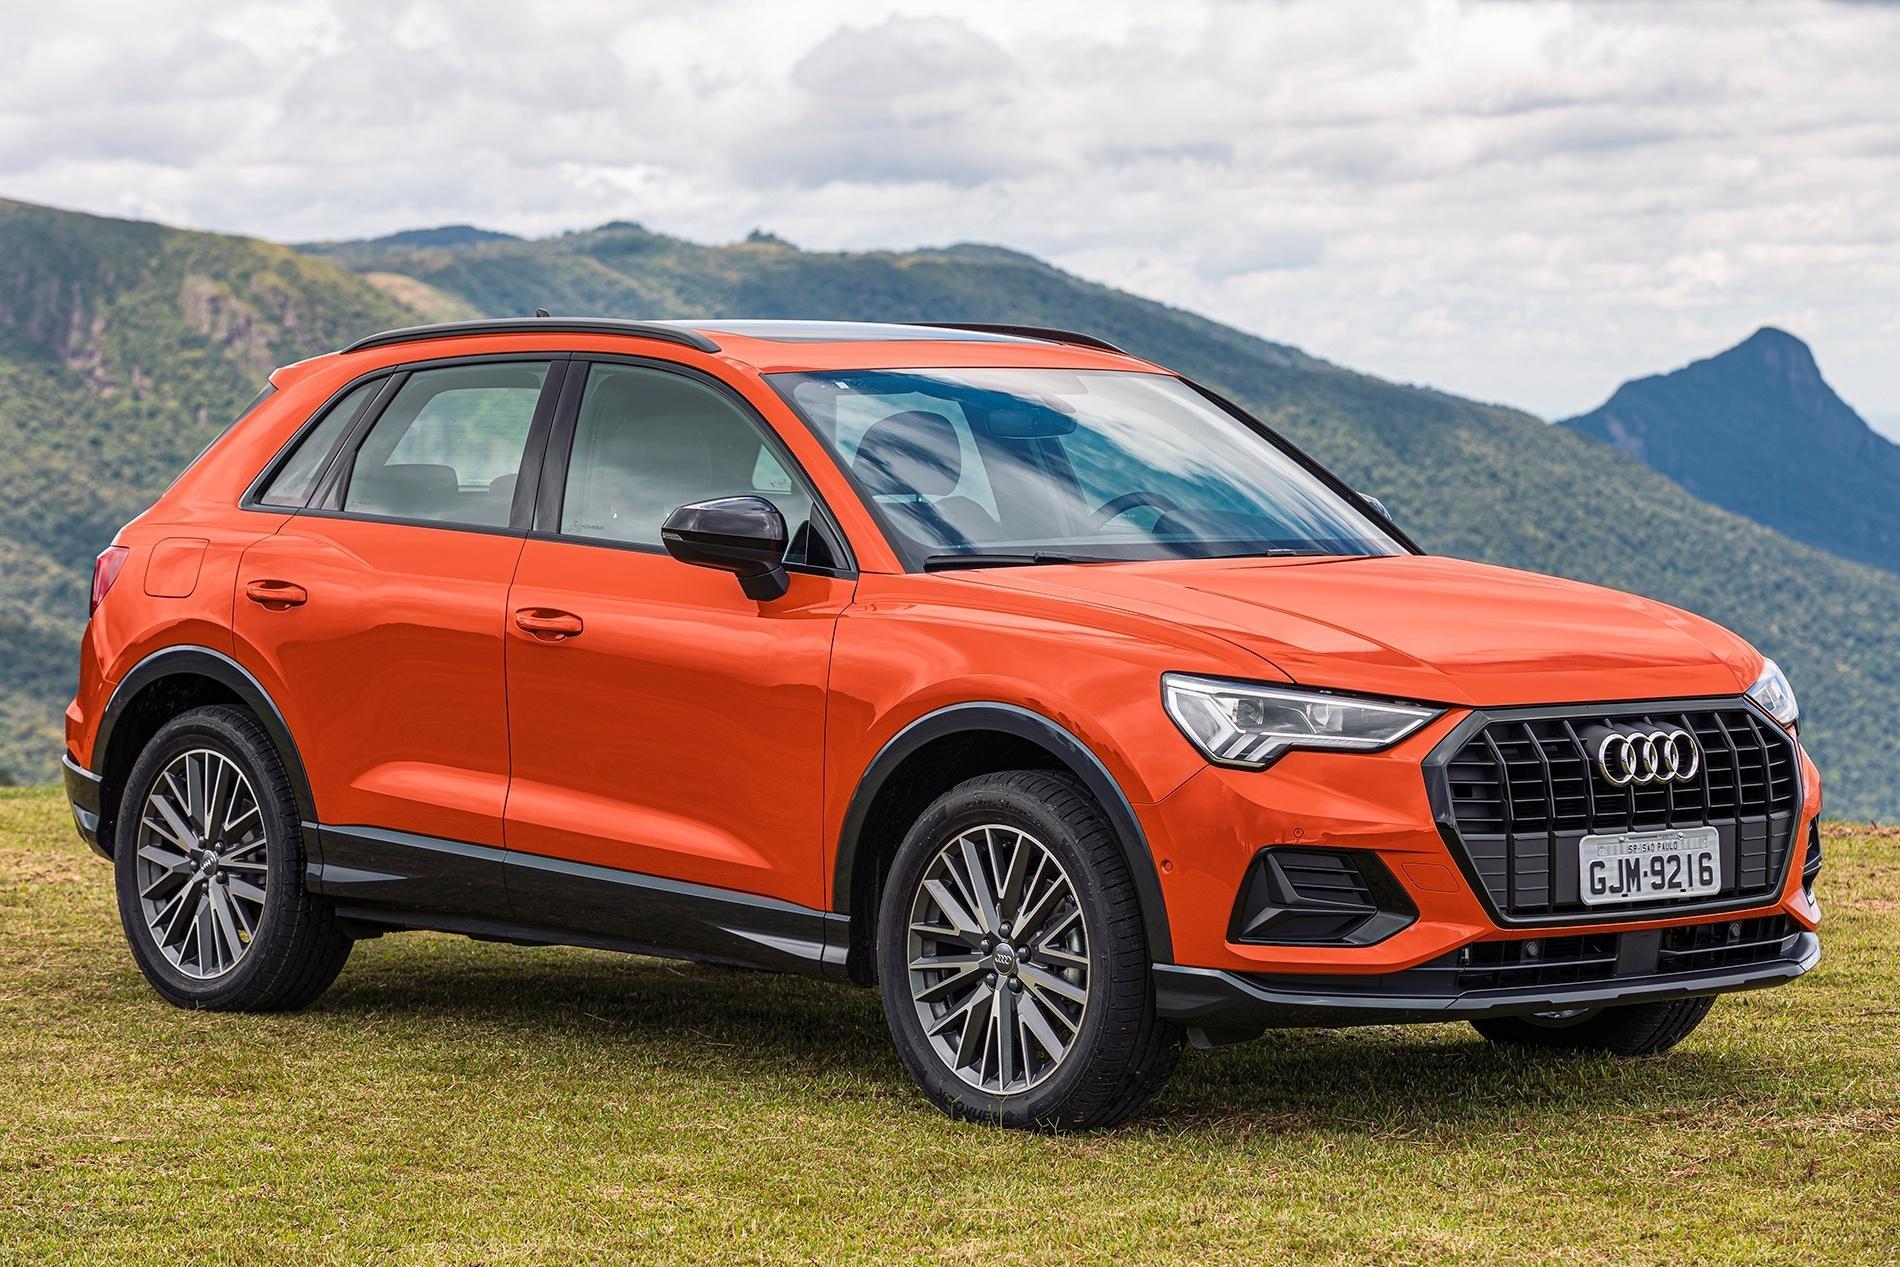 Testamos Audi Q3 Vem Repaginado E Moderno Para Se Impor Entre Suvs Premium 07 02 2020 Uol Carros